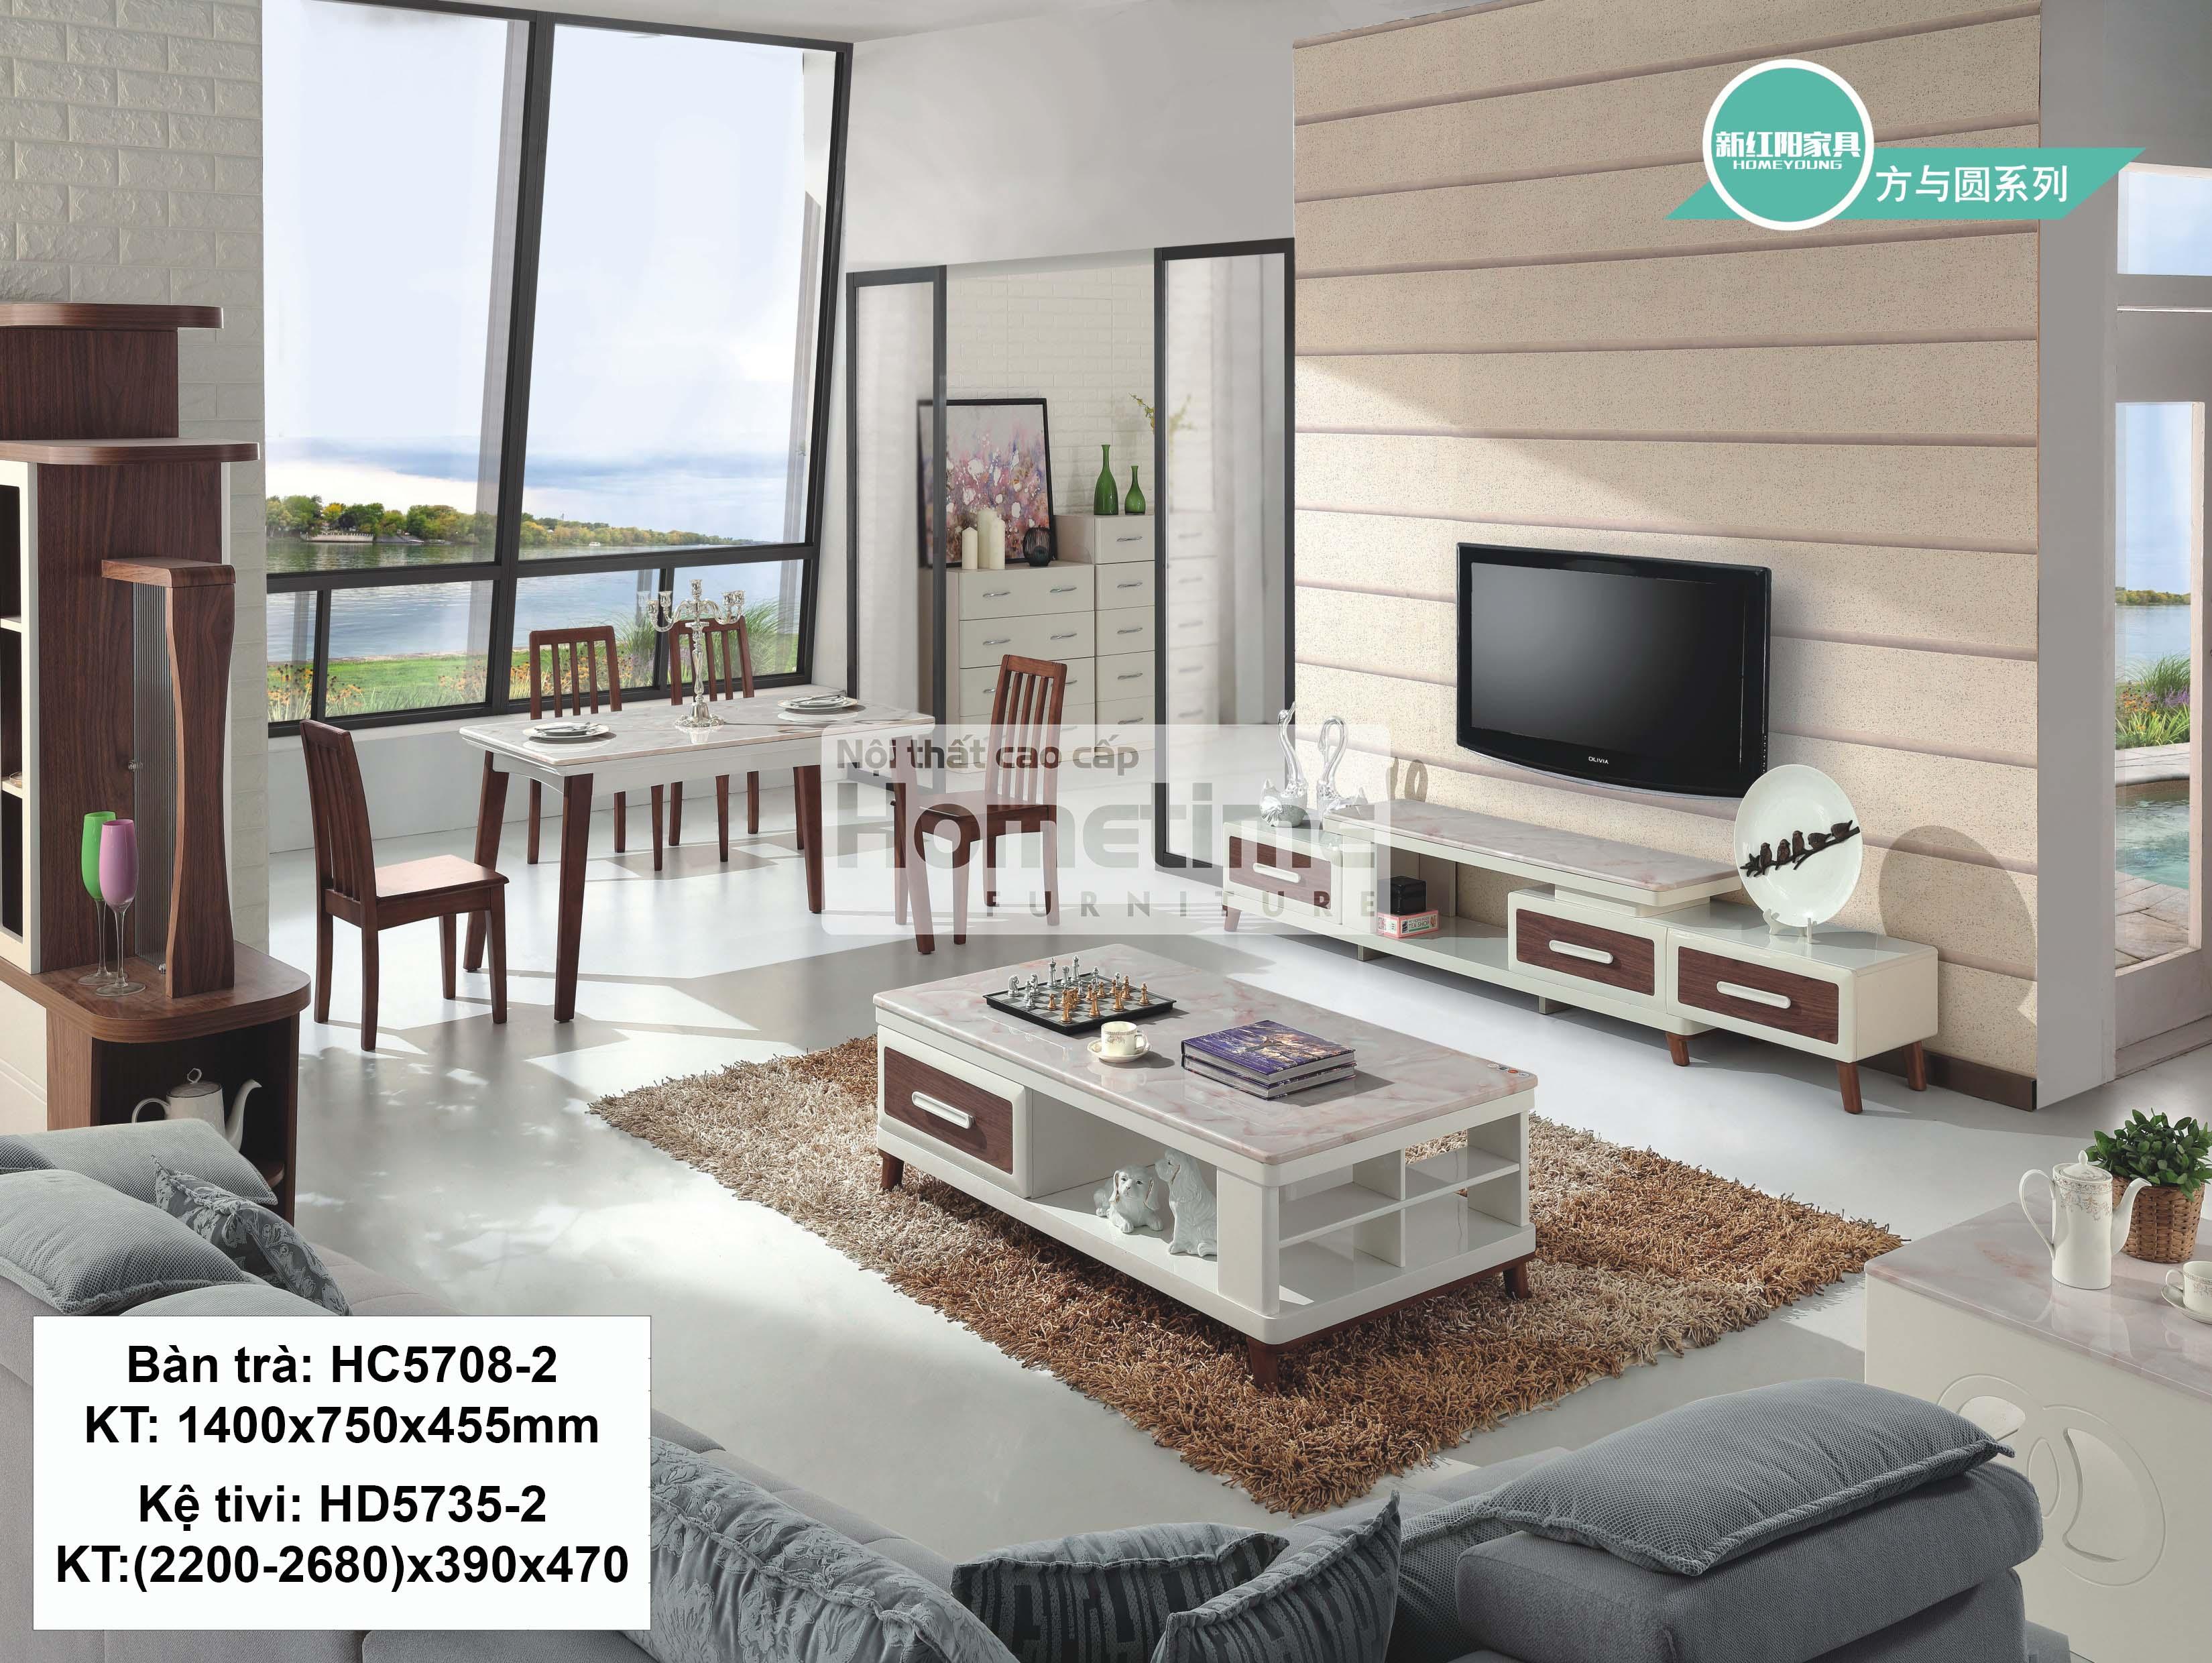 Thiết kế nội thất phòng khách tại Hải Phòng